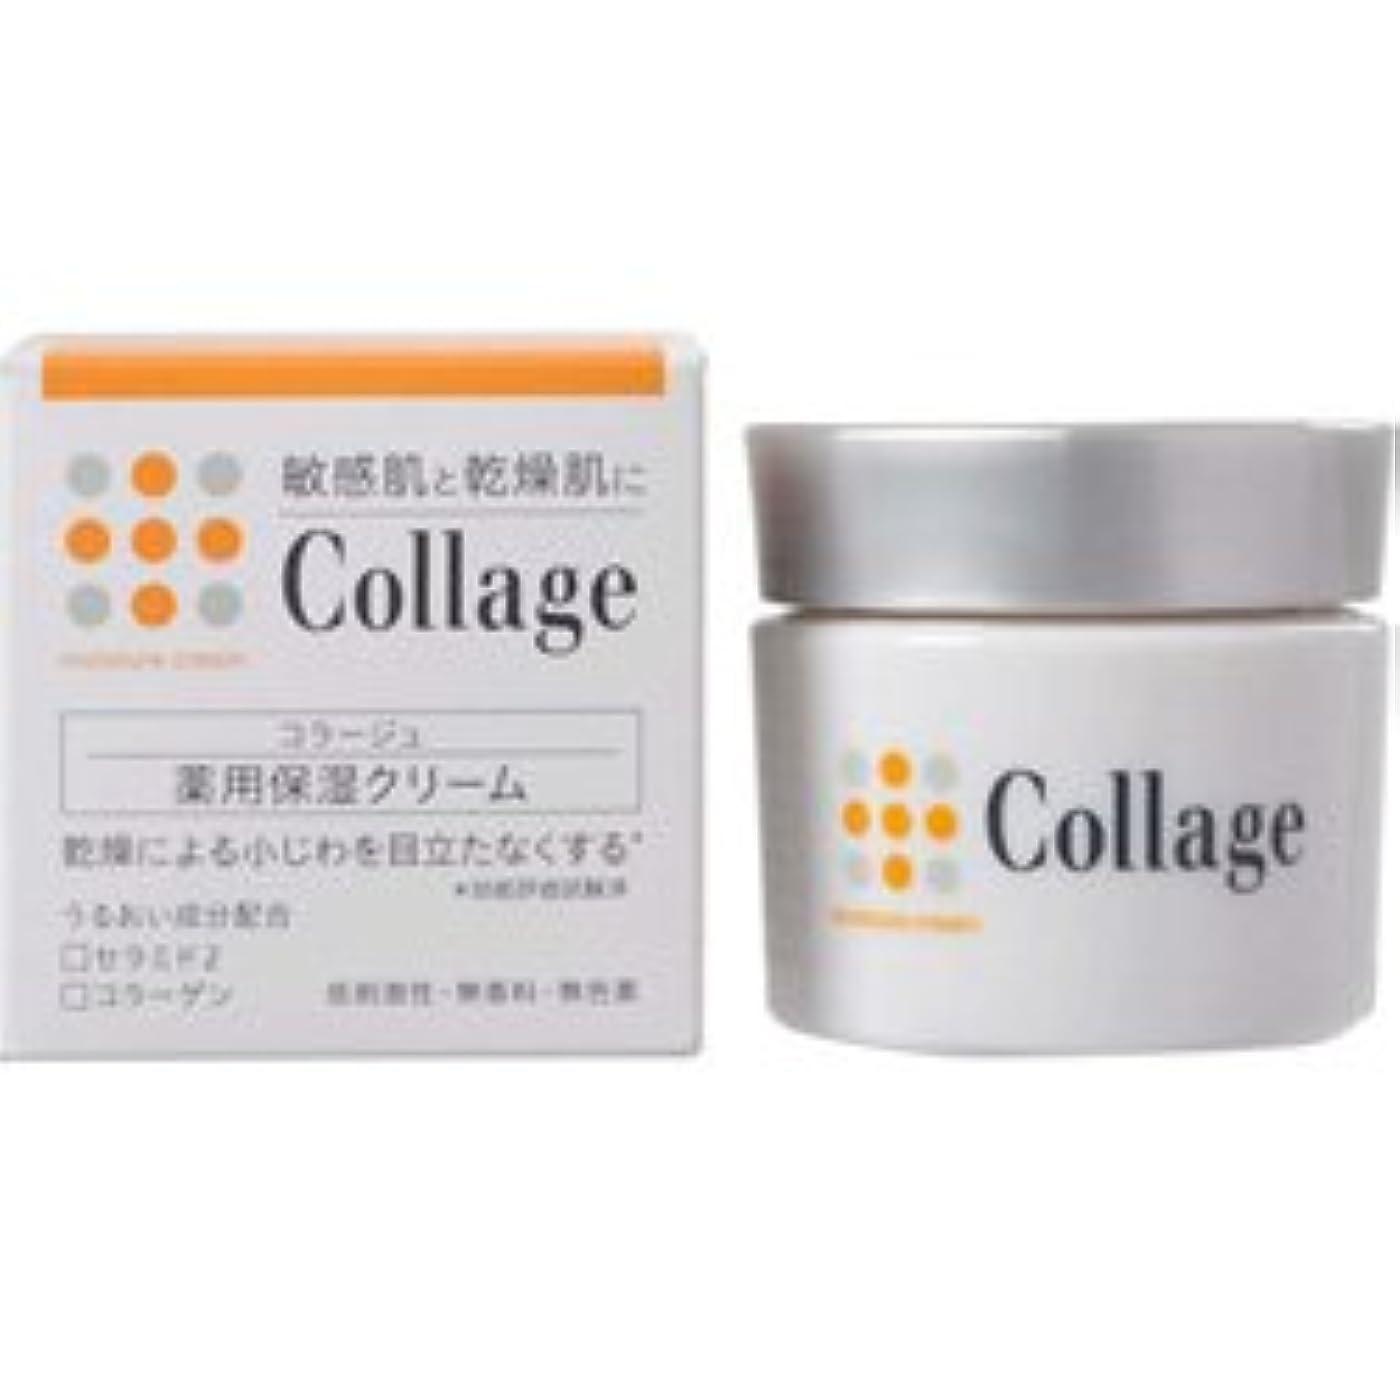 アレンジ最少収縮【持田ヘルスケア】 コラージュ薬用保湿クリーム 30g (医薬部外品) ×3個セット